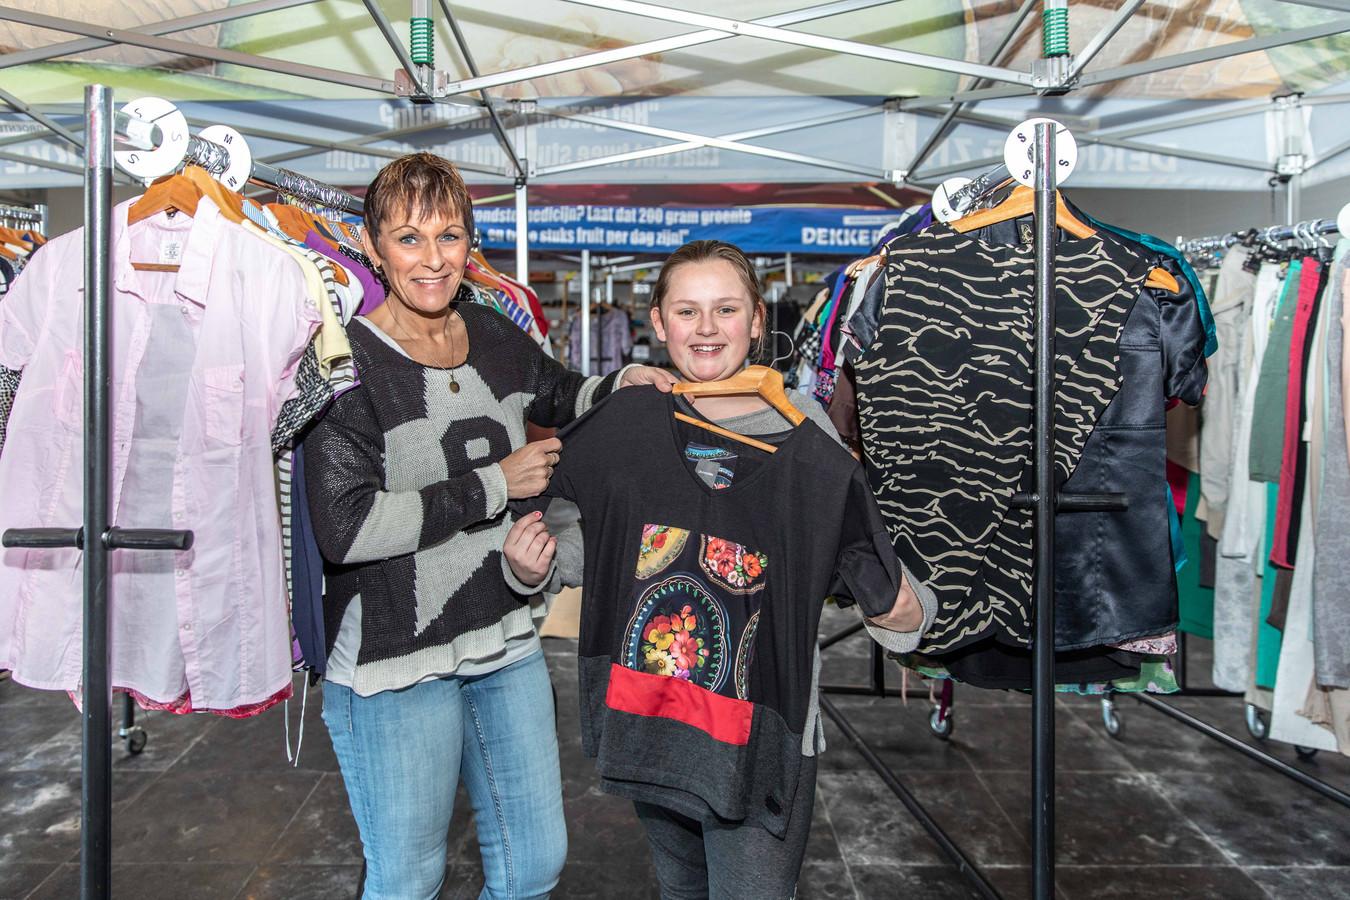 moeder Bianca Minnaard en dochter Mandy Heltzel; snuffelen tussen de rekken en tafels naar een leuke outfit; kruiningen; tweedehands kleding markt; 2019;